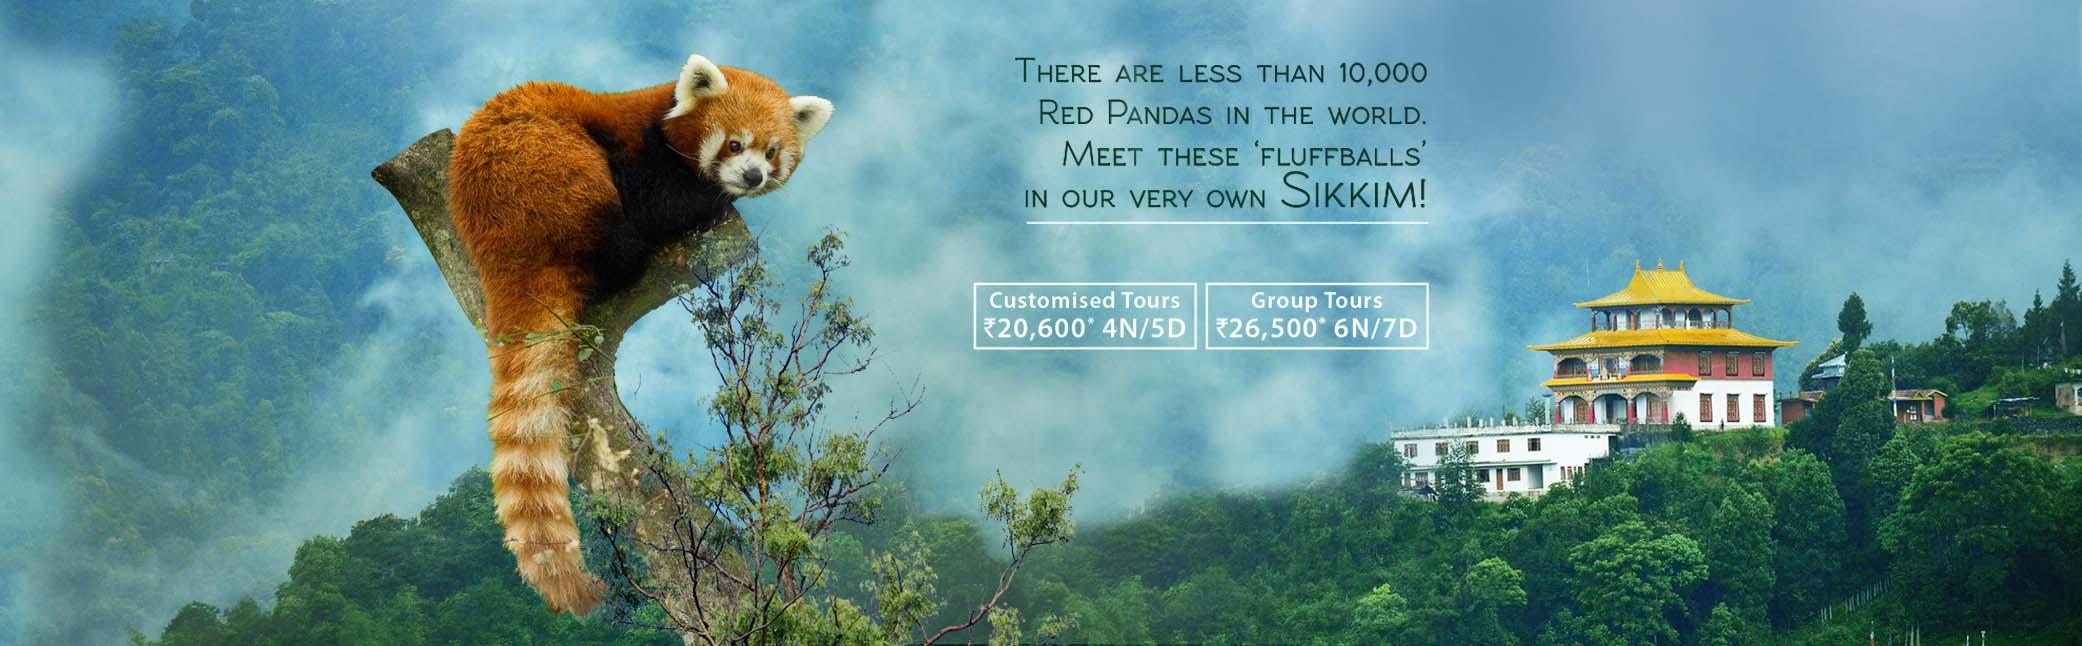 Sikkim-tour